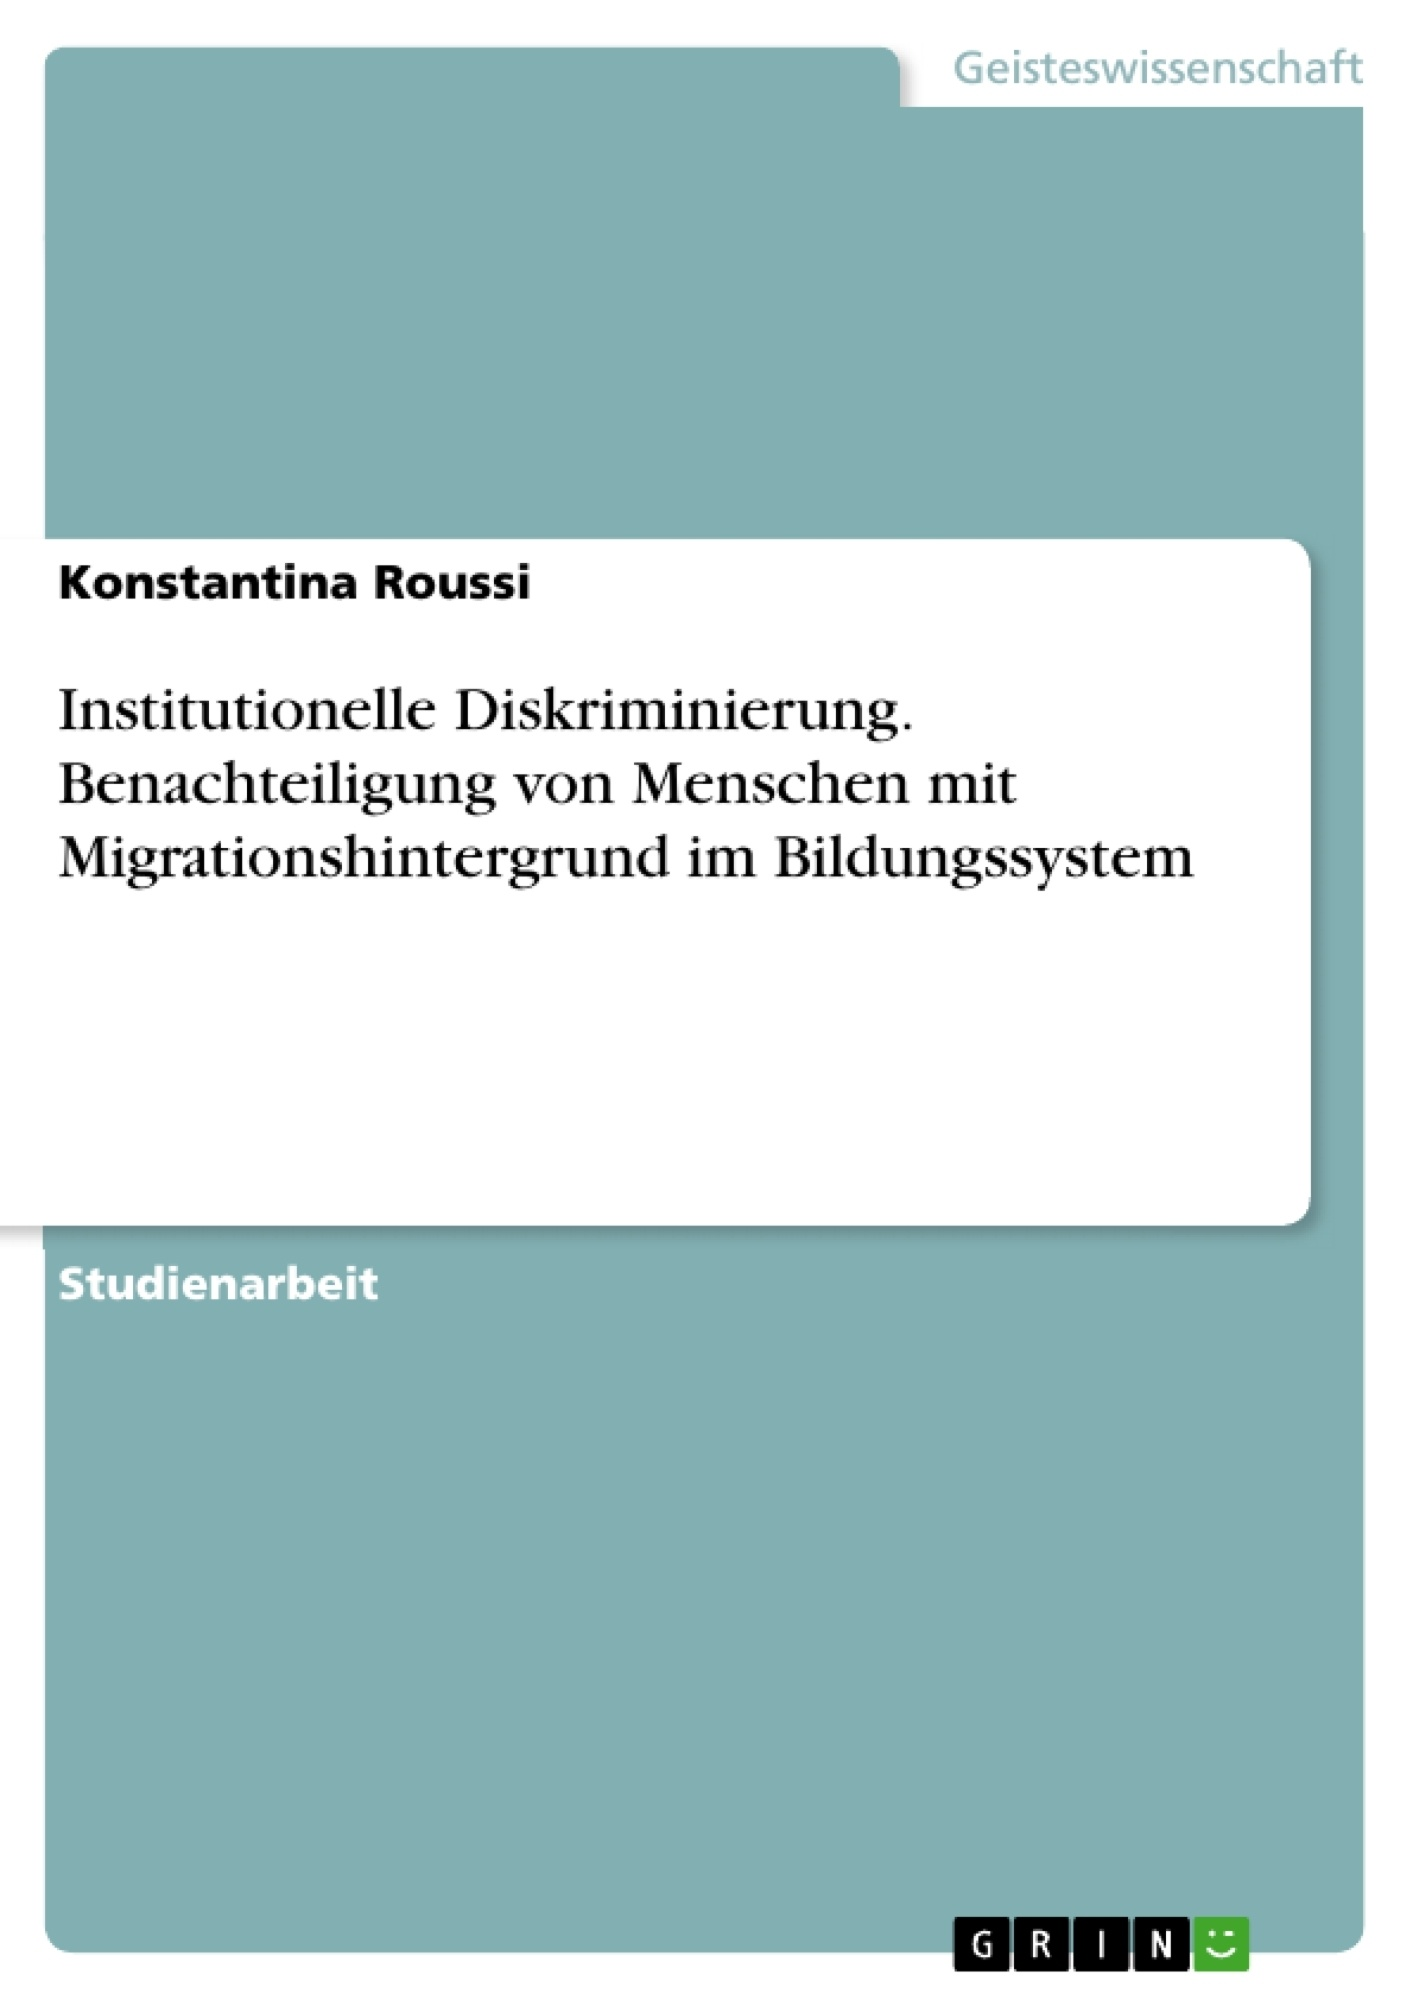 Titel: Institutionelle Diskriminierung. Benachteiligung von Menschen mit Migrationshintergrund im Bildungssystem